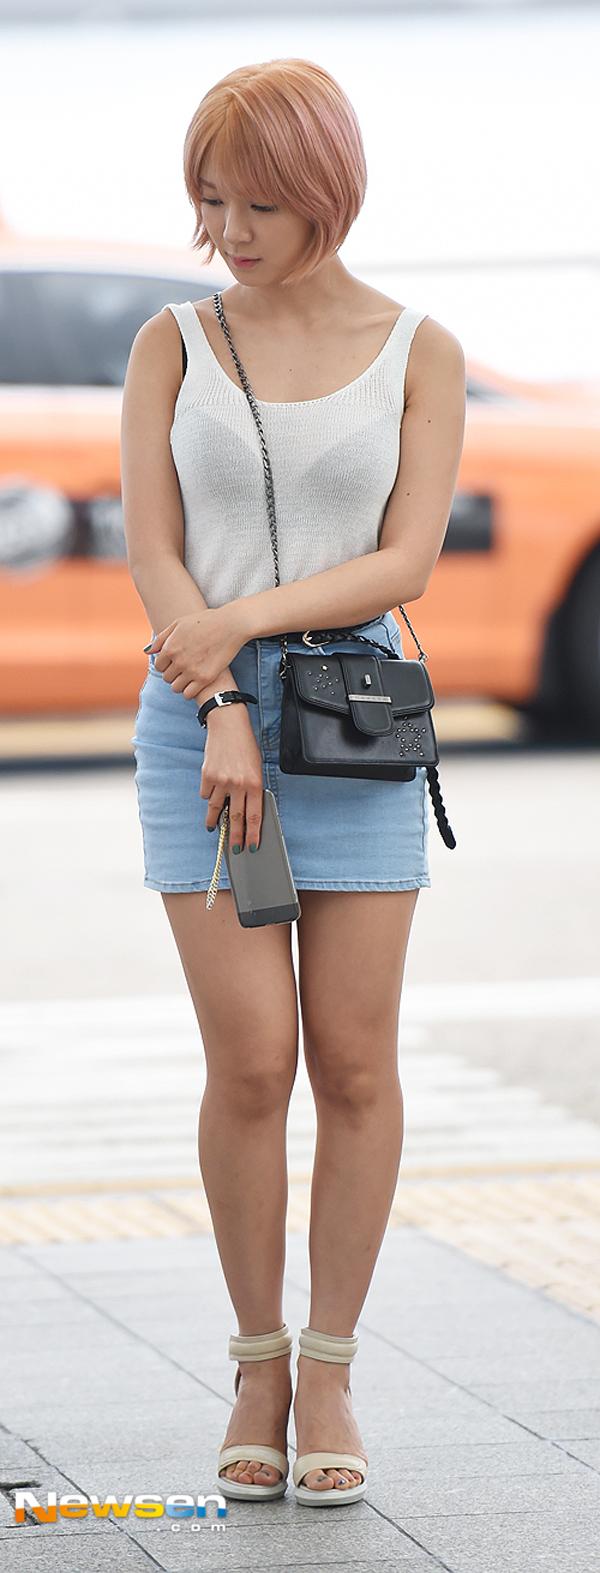 Phạm Hương diện váy xinh như công chúa, bộ đôi SNSD để lộ nội y tại sân bay - Ảnh 18.